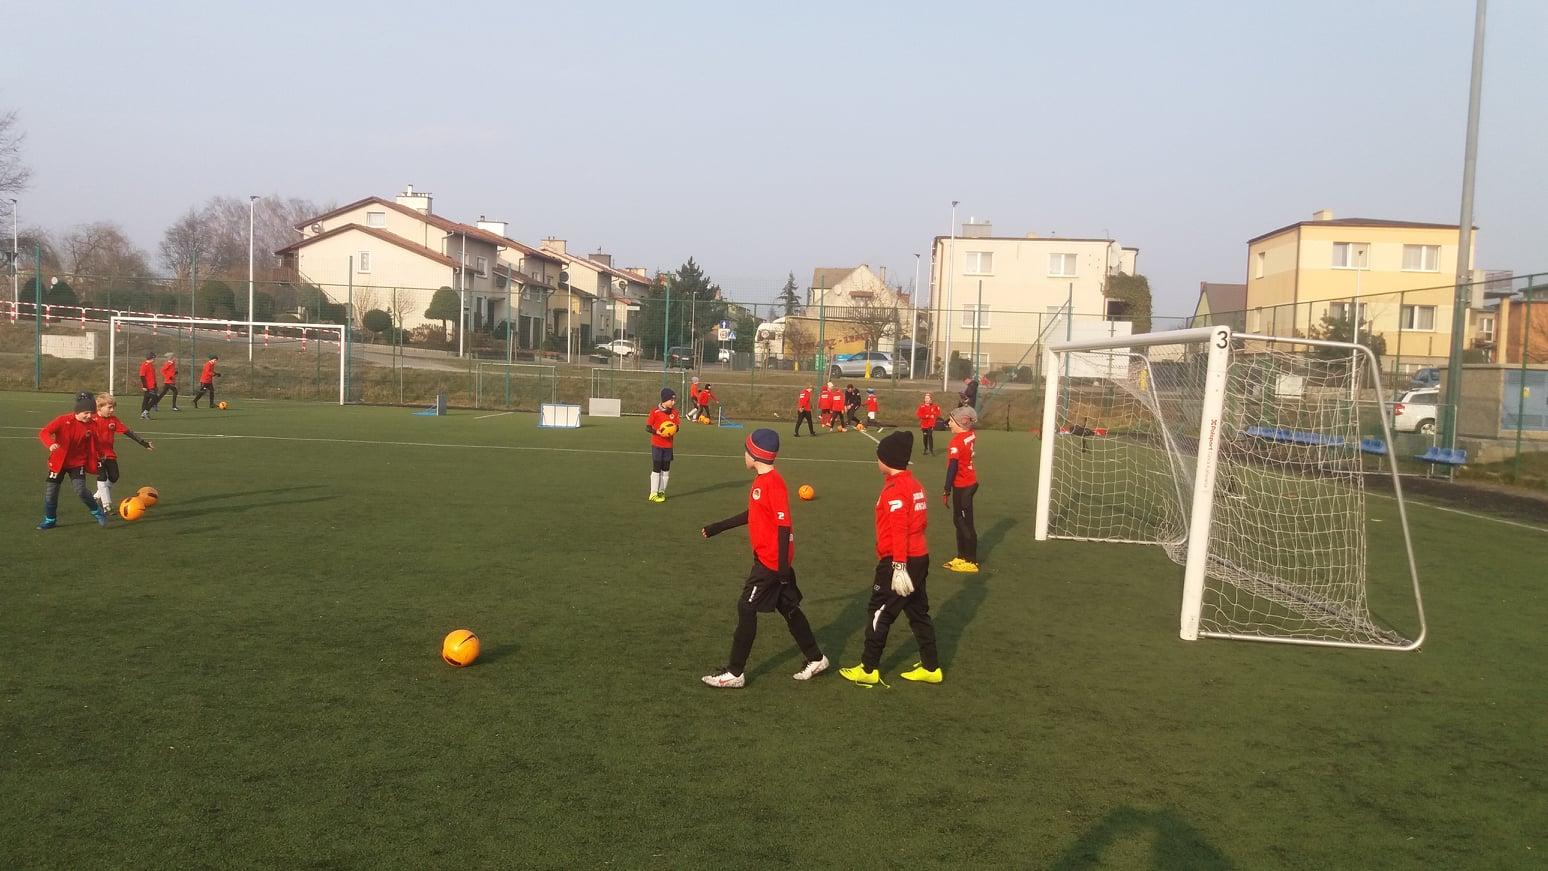 Kolejne zgrupowanie piłkarskie